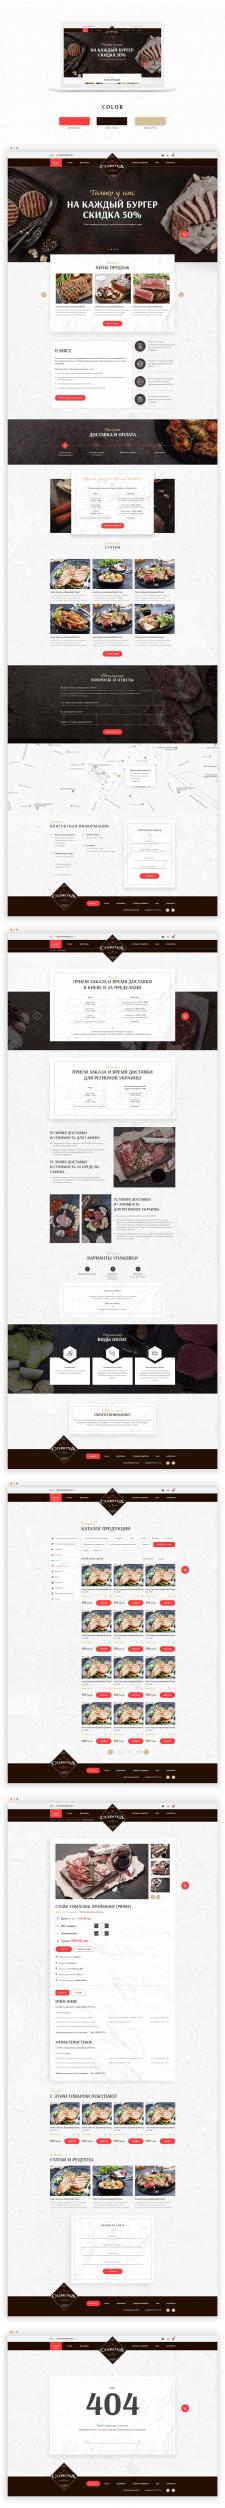 Онлайн доставка мясных блюд